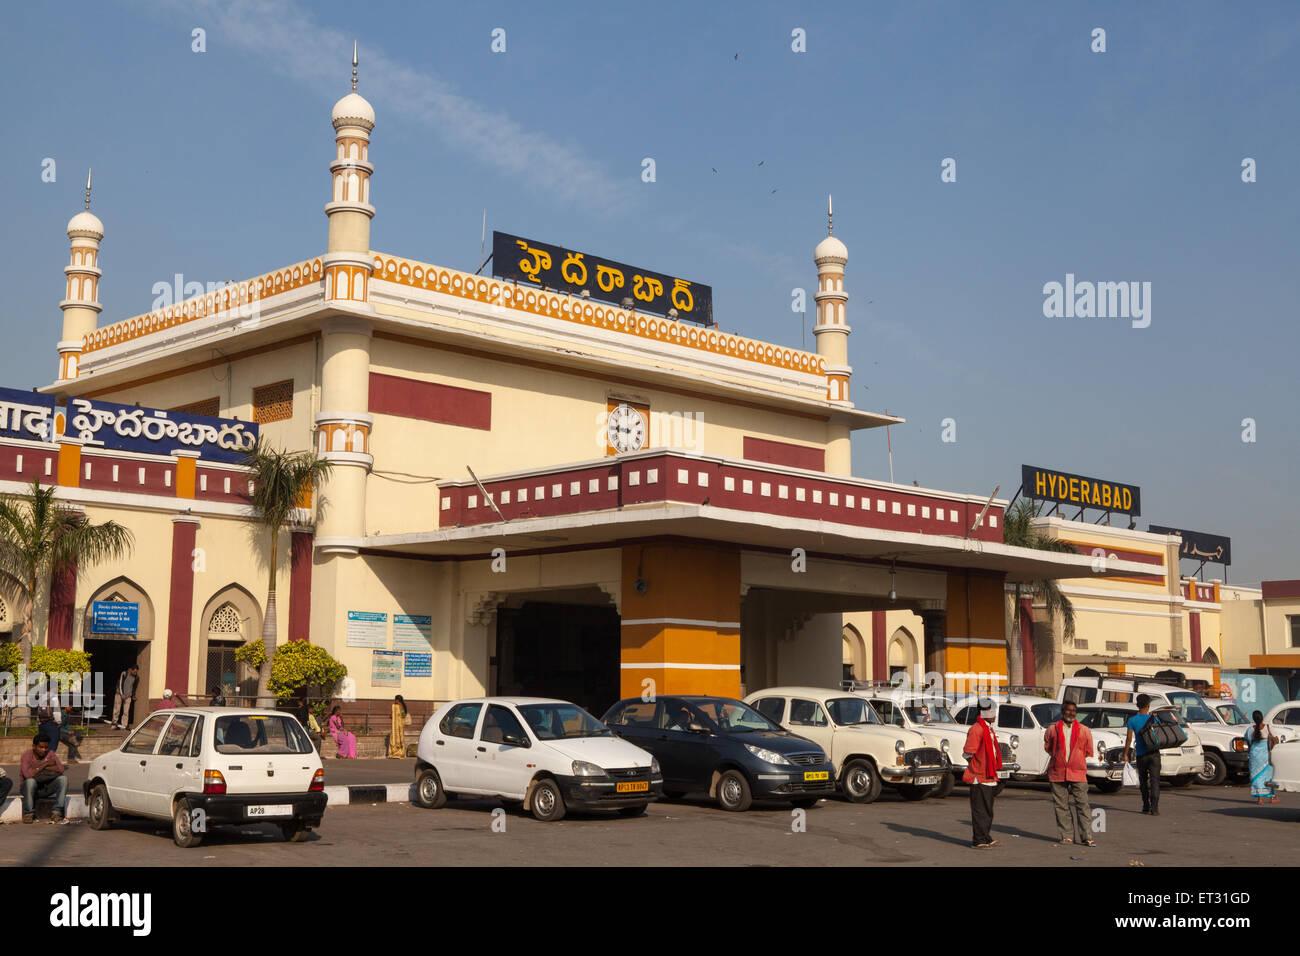 Hyderabad stazione ferroviaria Immagini Stock